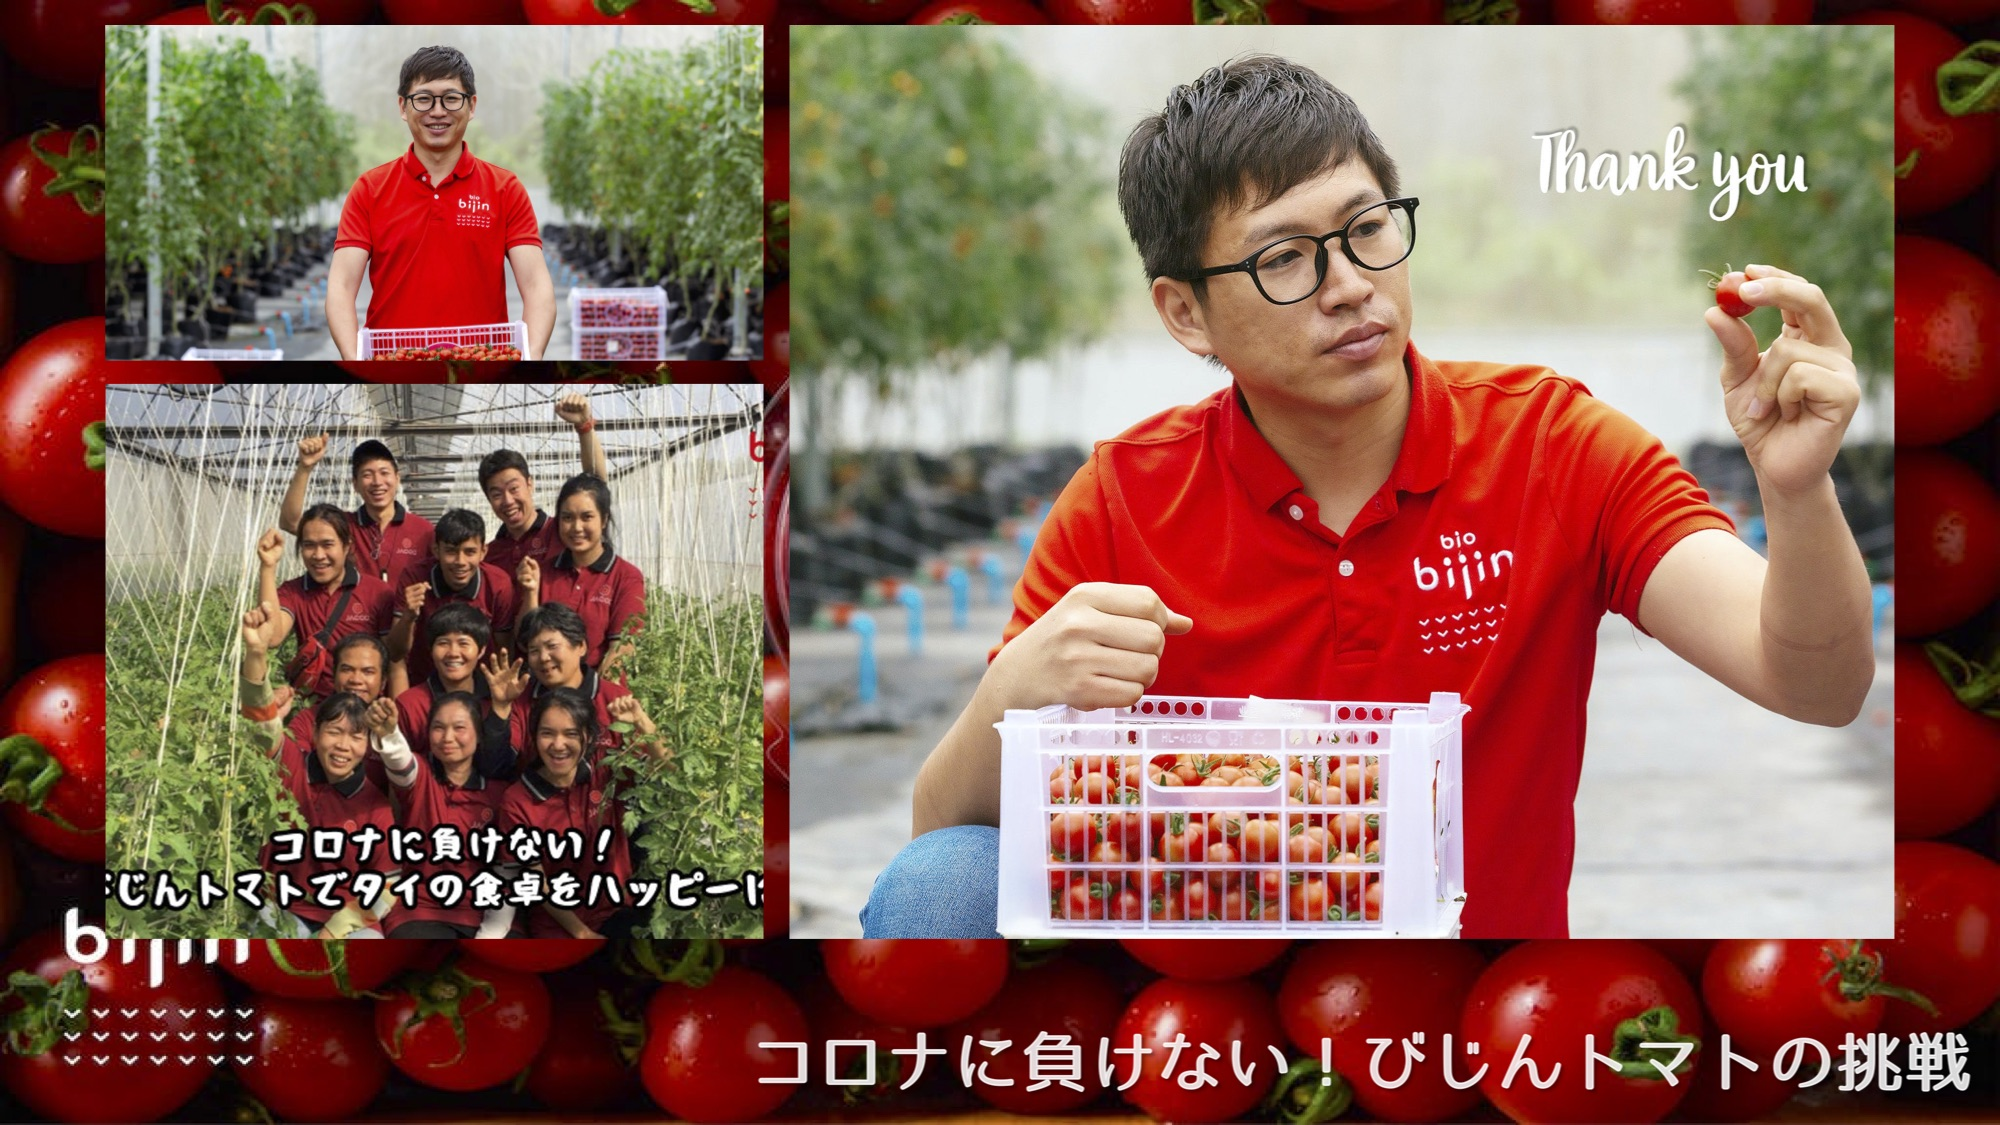 びじんトマト